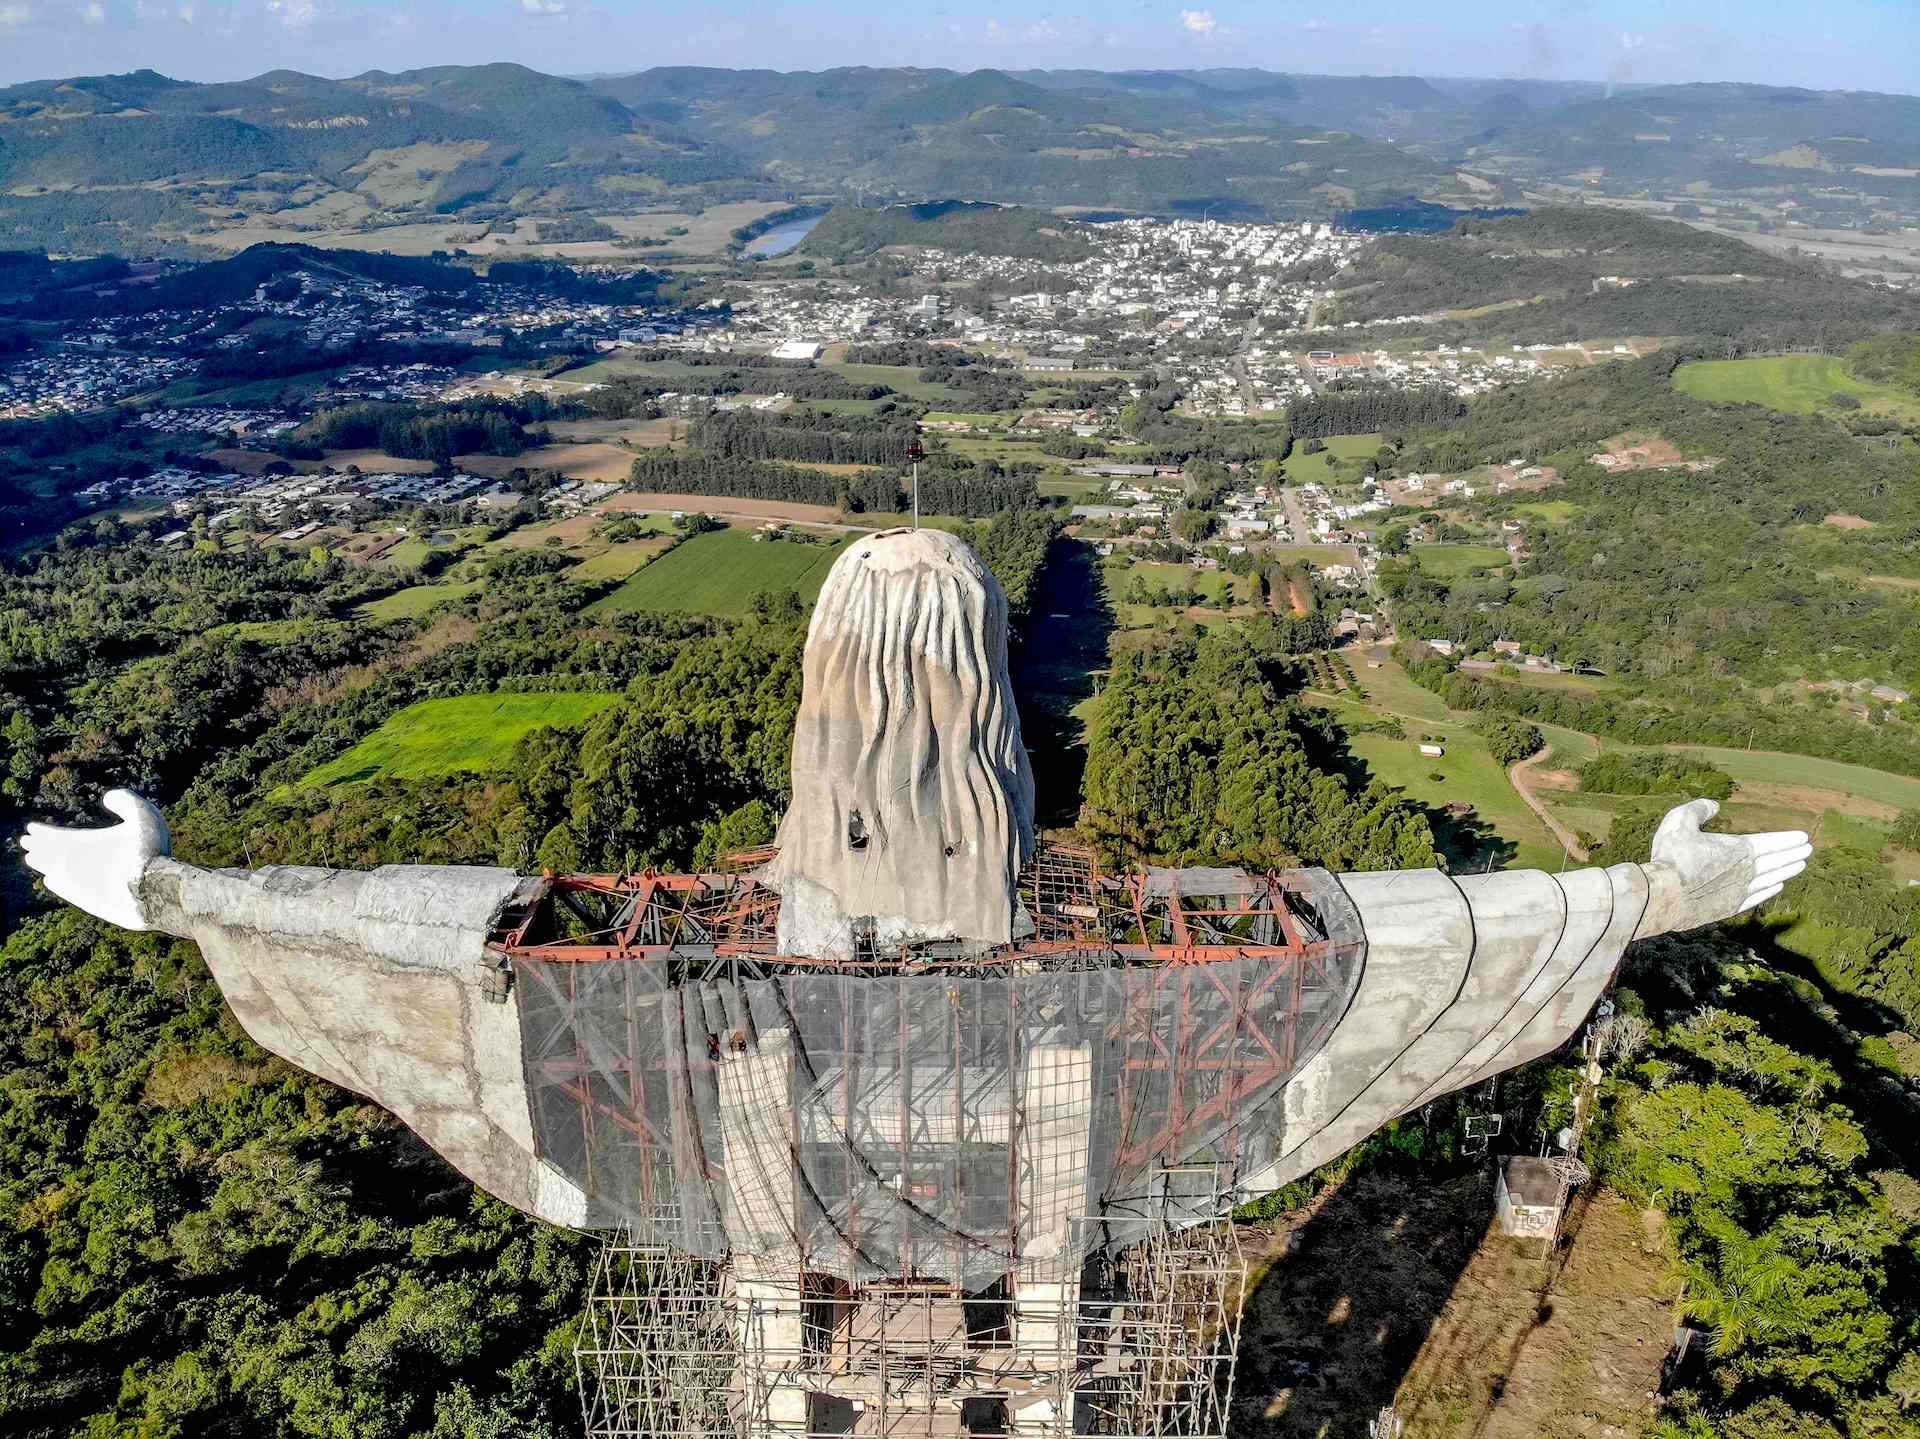 Brasil tendrá una nueva estutua de Cristo: El Protector más alta que El Redentor